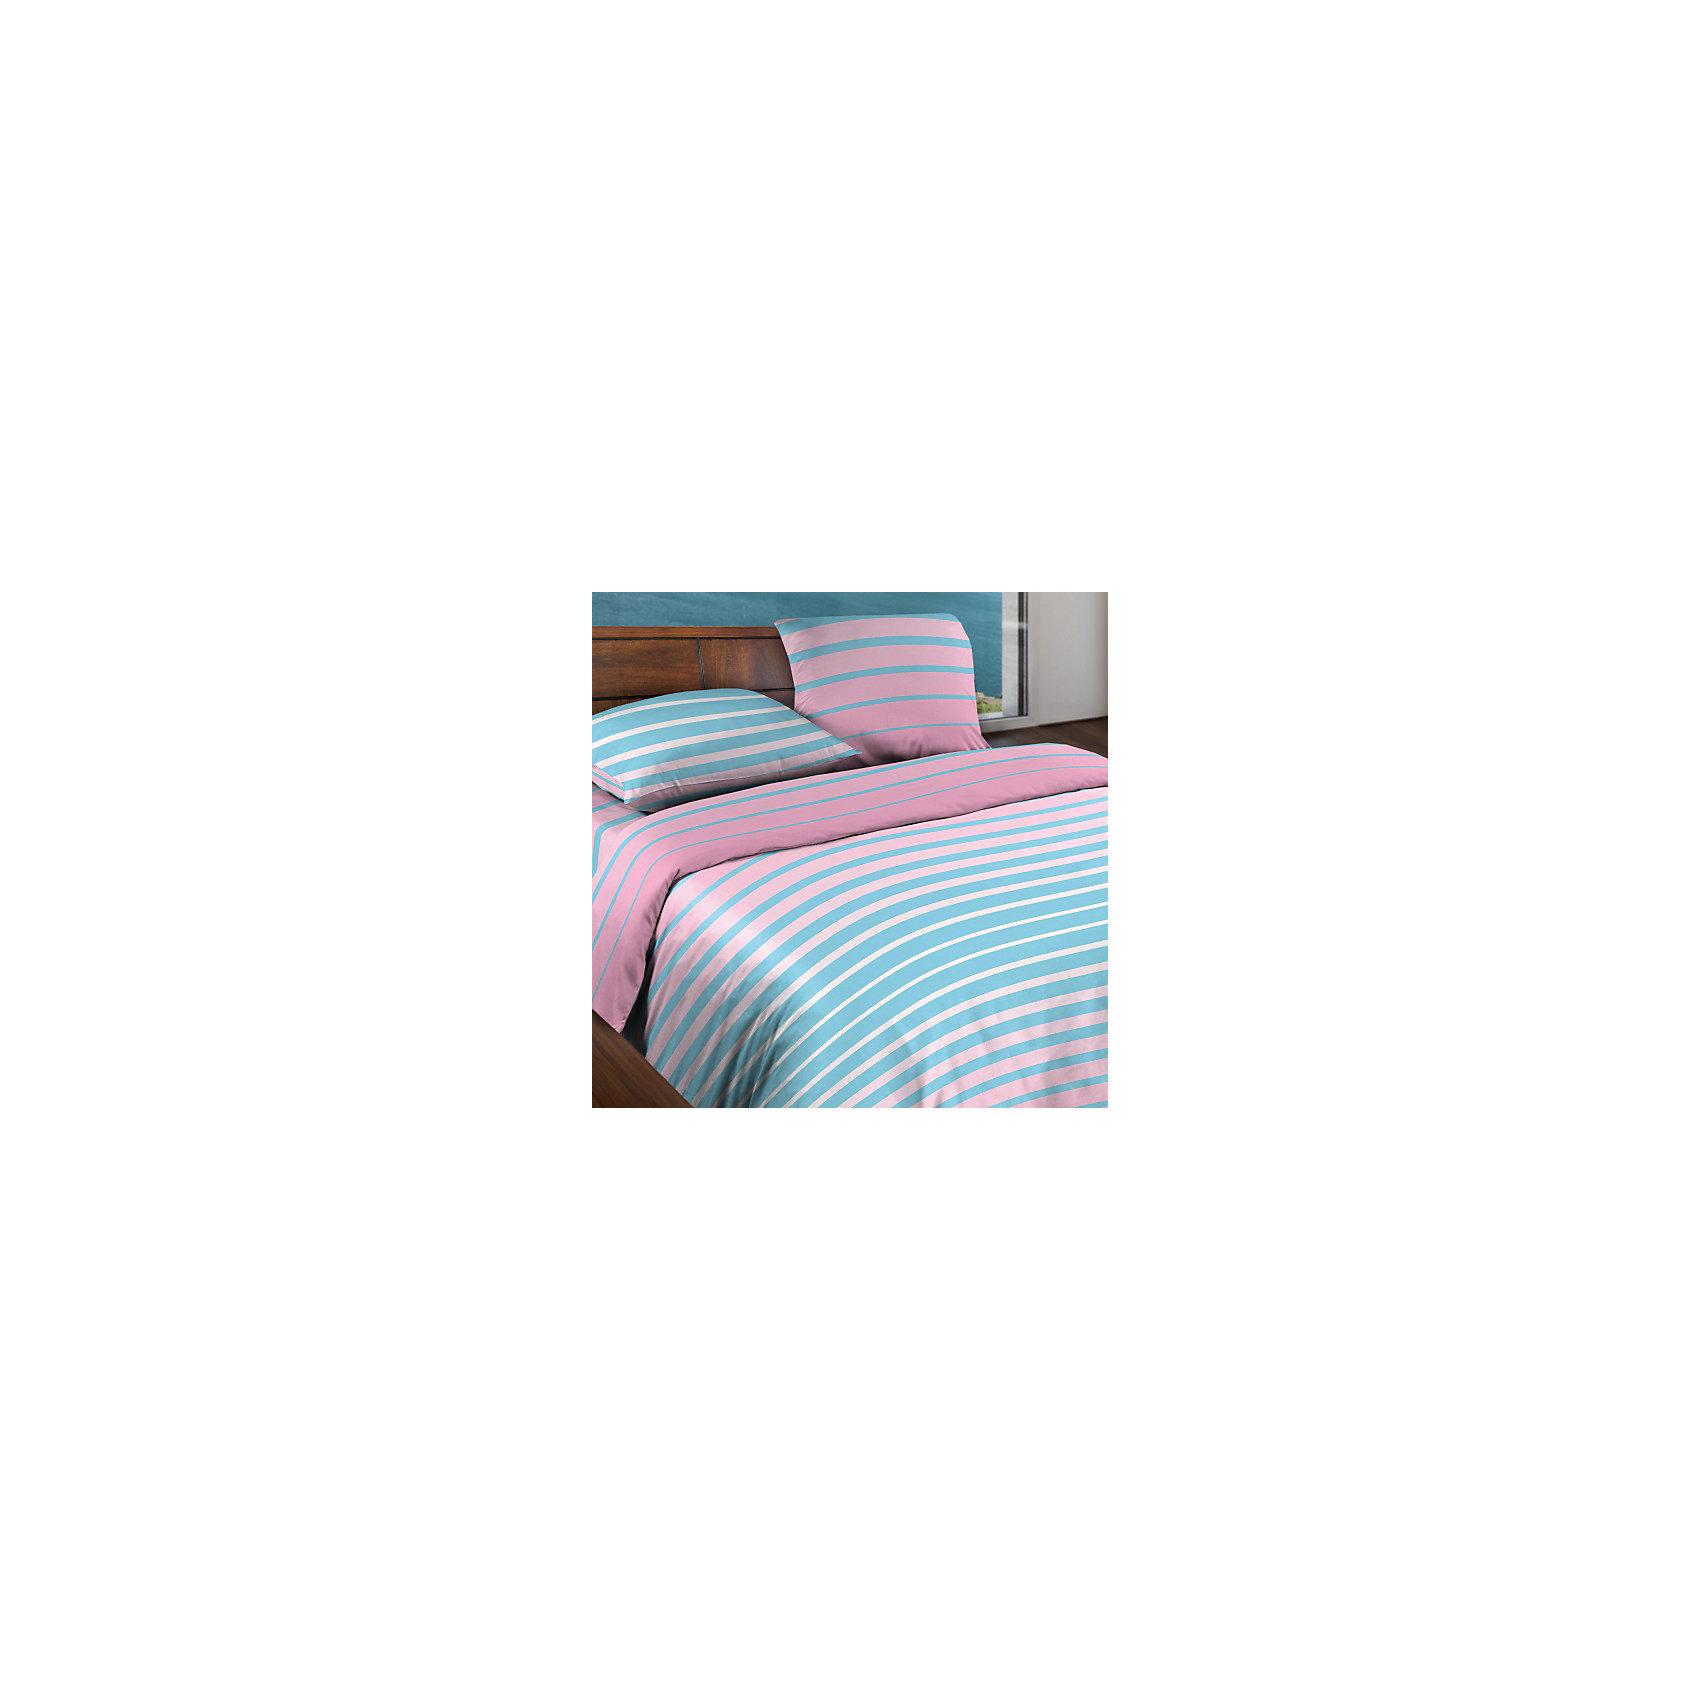 Постельное белье 1,5 сп. Stripe Pink БИО Комфорт, Wenge MotionДомашний текстиль<br>Характеристики 1,5 спального комплекта постельного белья   Stripe Pink  БИО Комфорт, Wenge Motion:<br><br>- производитель: Неотек<br>- материал: бязь<br>- состав: 100% хлопок<br>- размер комплекта: полутораспальный<br>- размер пододеяльника: 215*145 см.<br>- размер простыни: 220*150 см.<br>- размер наволочек: 70*70 (2 шт)<br>- упаковка комплекта: книжка пвх<br>- страна бренда: Россия<br>- страна производитель: Россия<br><br>Комплект постельного белья – необходимый элемент интерьера спальни. Сегодня все больше людей уделяют огромное внимание цвету, рисунку,  орнаменту постельного белья, а также качеству ткани и пошива. Всем этим требованиям соответствует 1,5 спальное постельное белье  Stripe Pink  БИО Комфорт, Wenge Motion. С помощью современных технологий окраски, простыни не теряют свой цвет даже после множества стирок. Комплект изготовлен из бязи,  практичен в уходе и эксплуатации. Белье отлично подойдет для небольшой кровати. Комплект постельного белья состоит из пододеяльника, простыни и двух наволочек. Изделие можно стирать в стиральной машине в деликатном режиме. Комплект красивого постельного белья – подарок на любой праздник, который всегда к месту.<br><br>Комплекта постельного белья   Stripe Pink  серии Wenge Motion можно купить в нашем интернет-магазине.<br><br>Ширина мм: 370<br>Глубина мм: 70<br>Высота мм: 370<br>Вес г: 1400<br>Возраст от месяцев: 36<br>Возраст до месяцев: 216<br>Пол: Унисекс<br>Возраст: Детский<br>SKU: 5100118